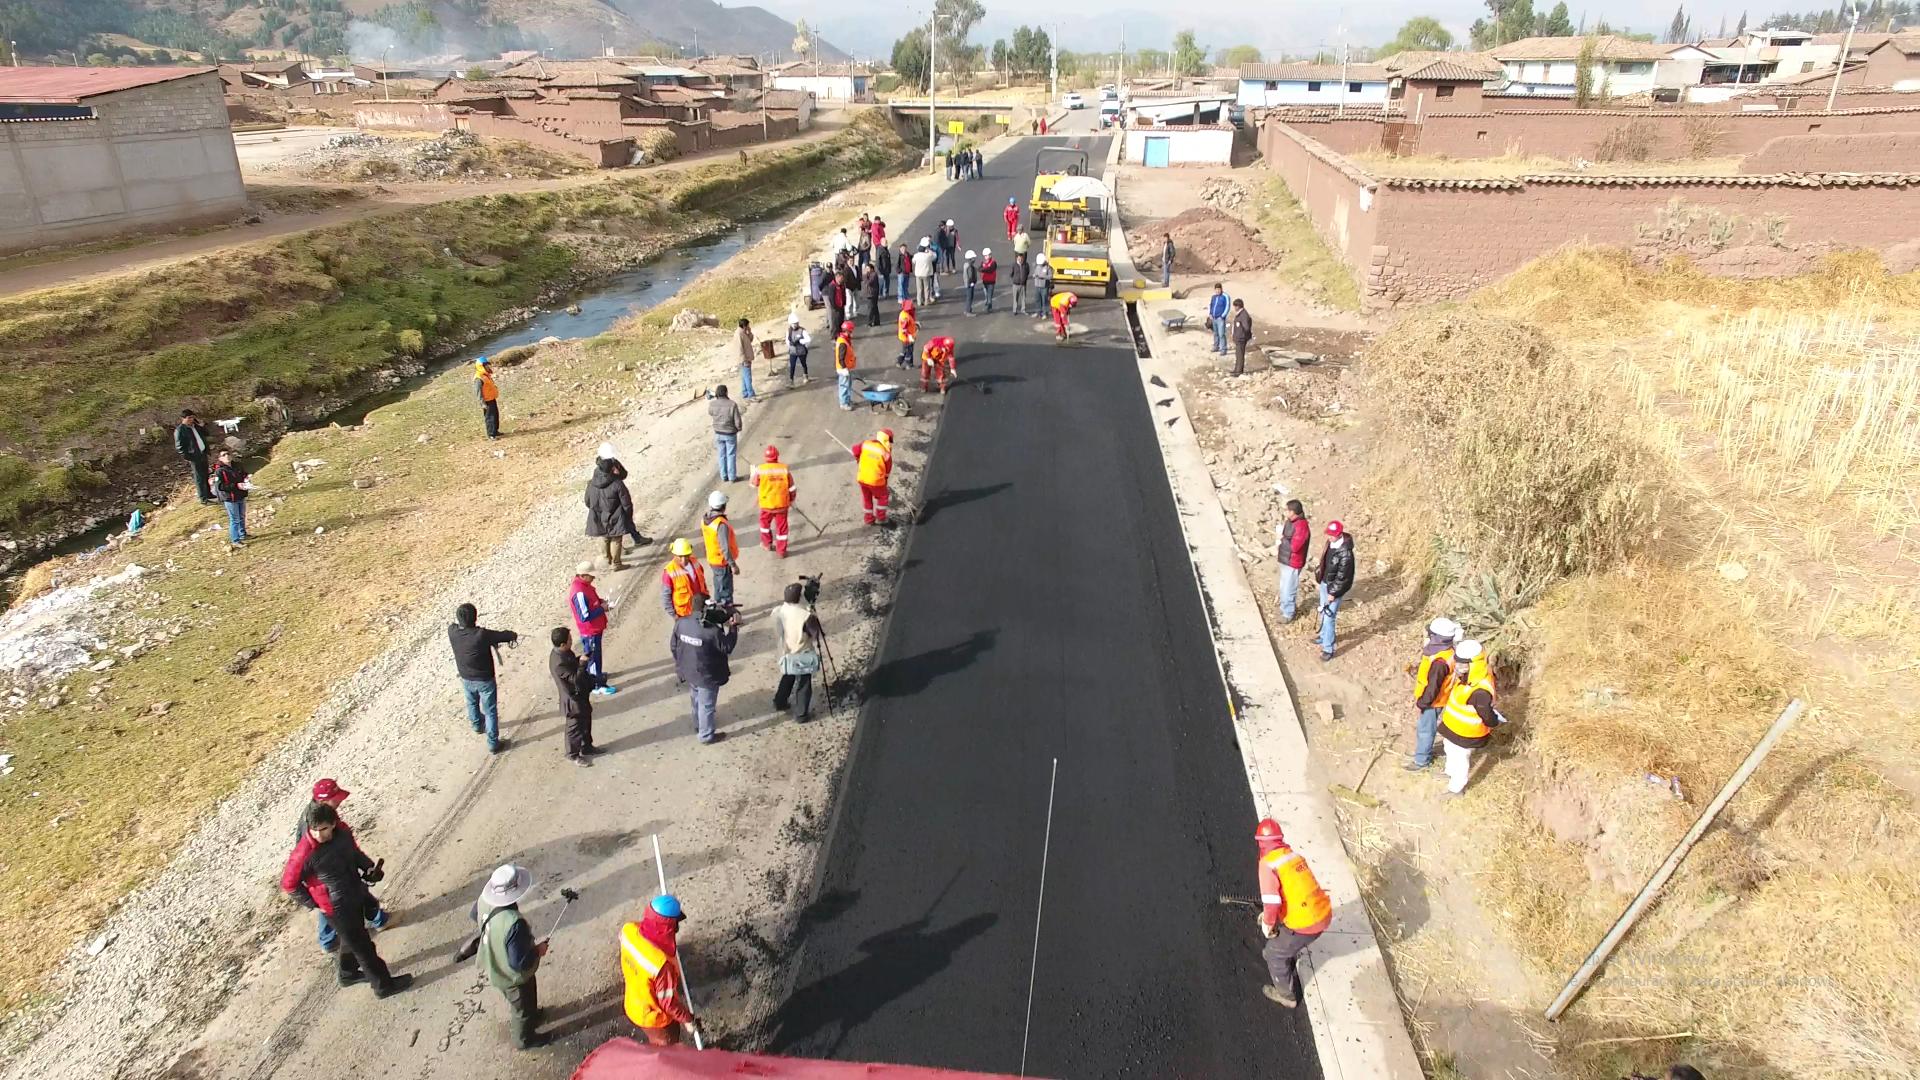 El Presidente Regional del Cusco, Ing. Edwin Licona Licona en el marco de una visita guiada a periodistas de medios de comunicación locales, regionales y nacionales a los distintos proyectos que ejecuta la entidad regional, inspeccionó, también la obra Mejoramie